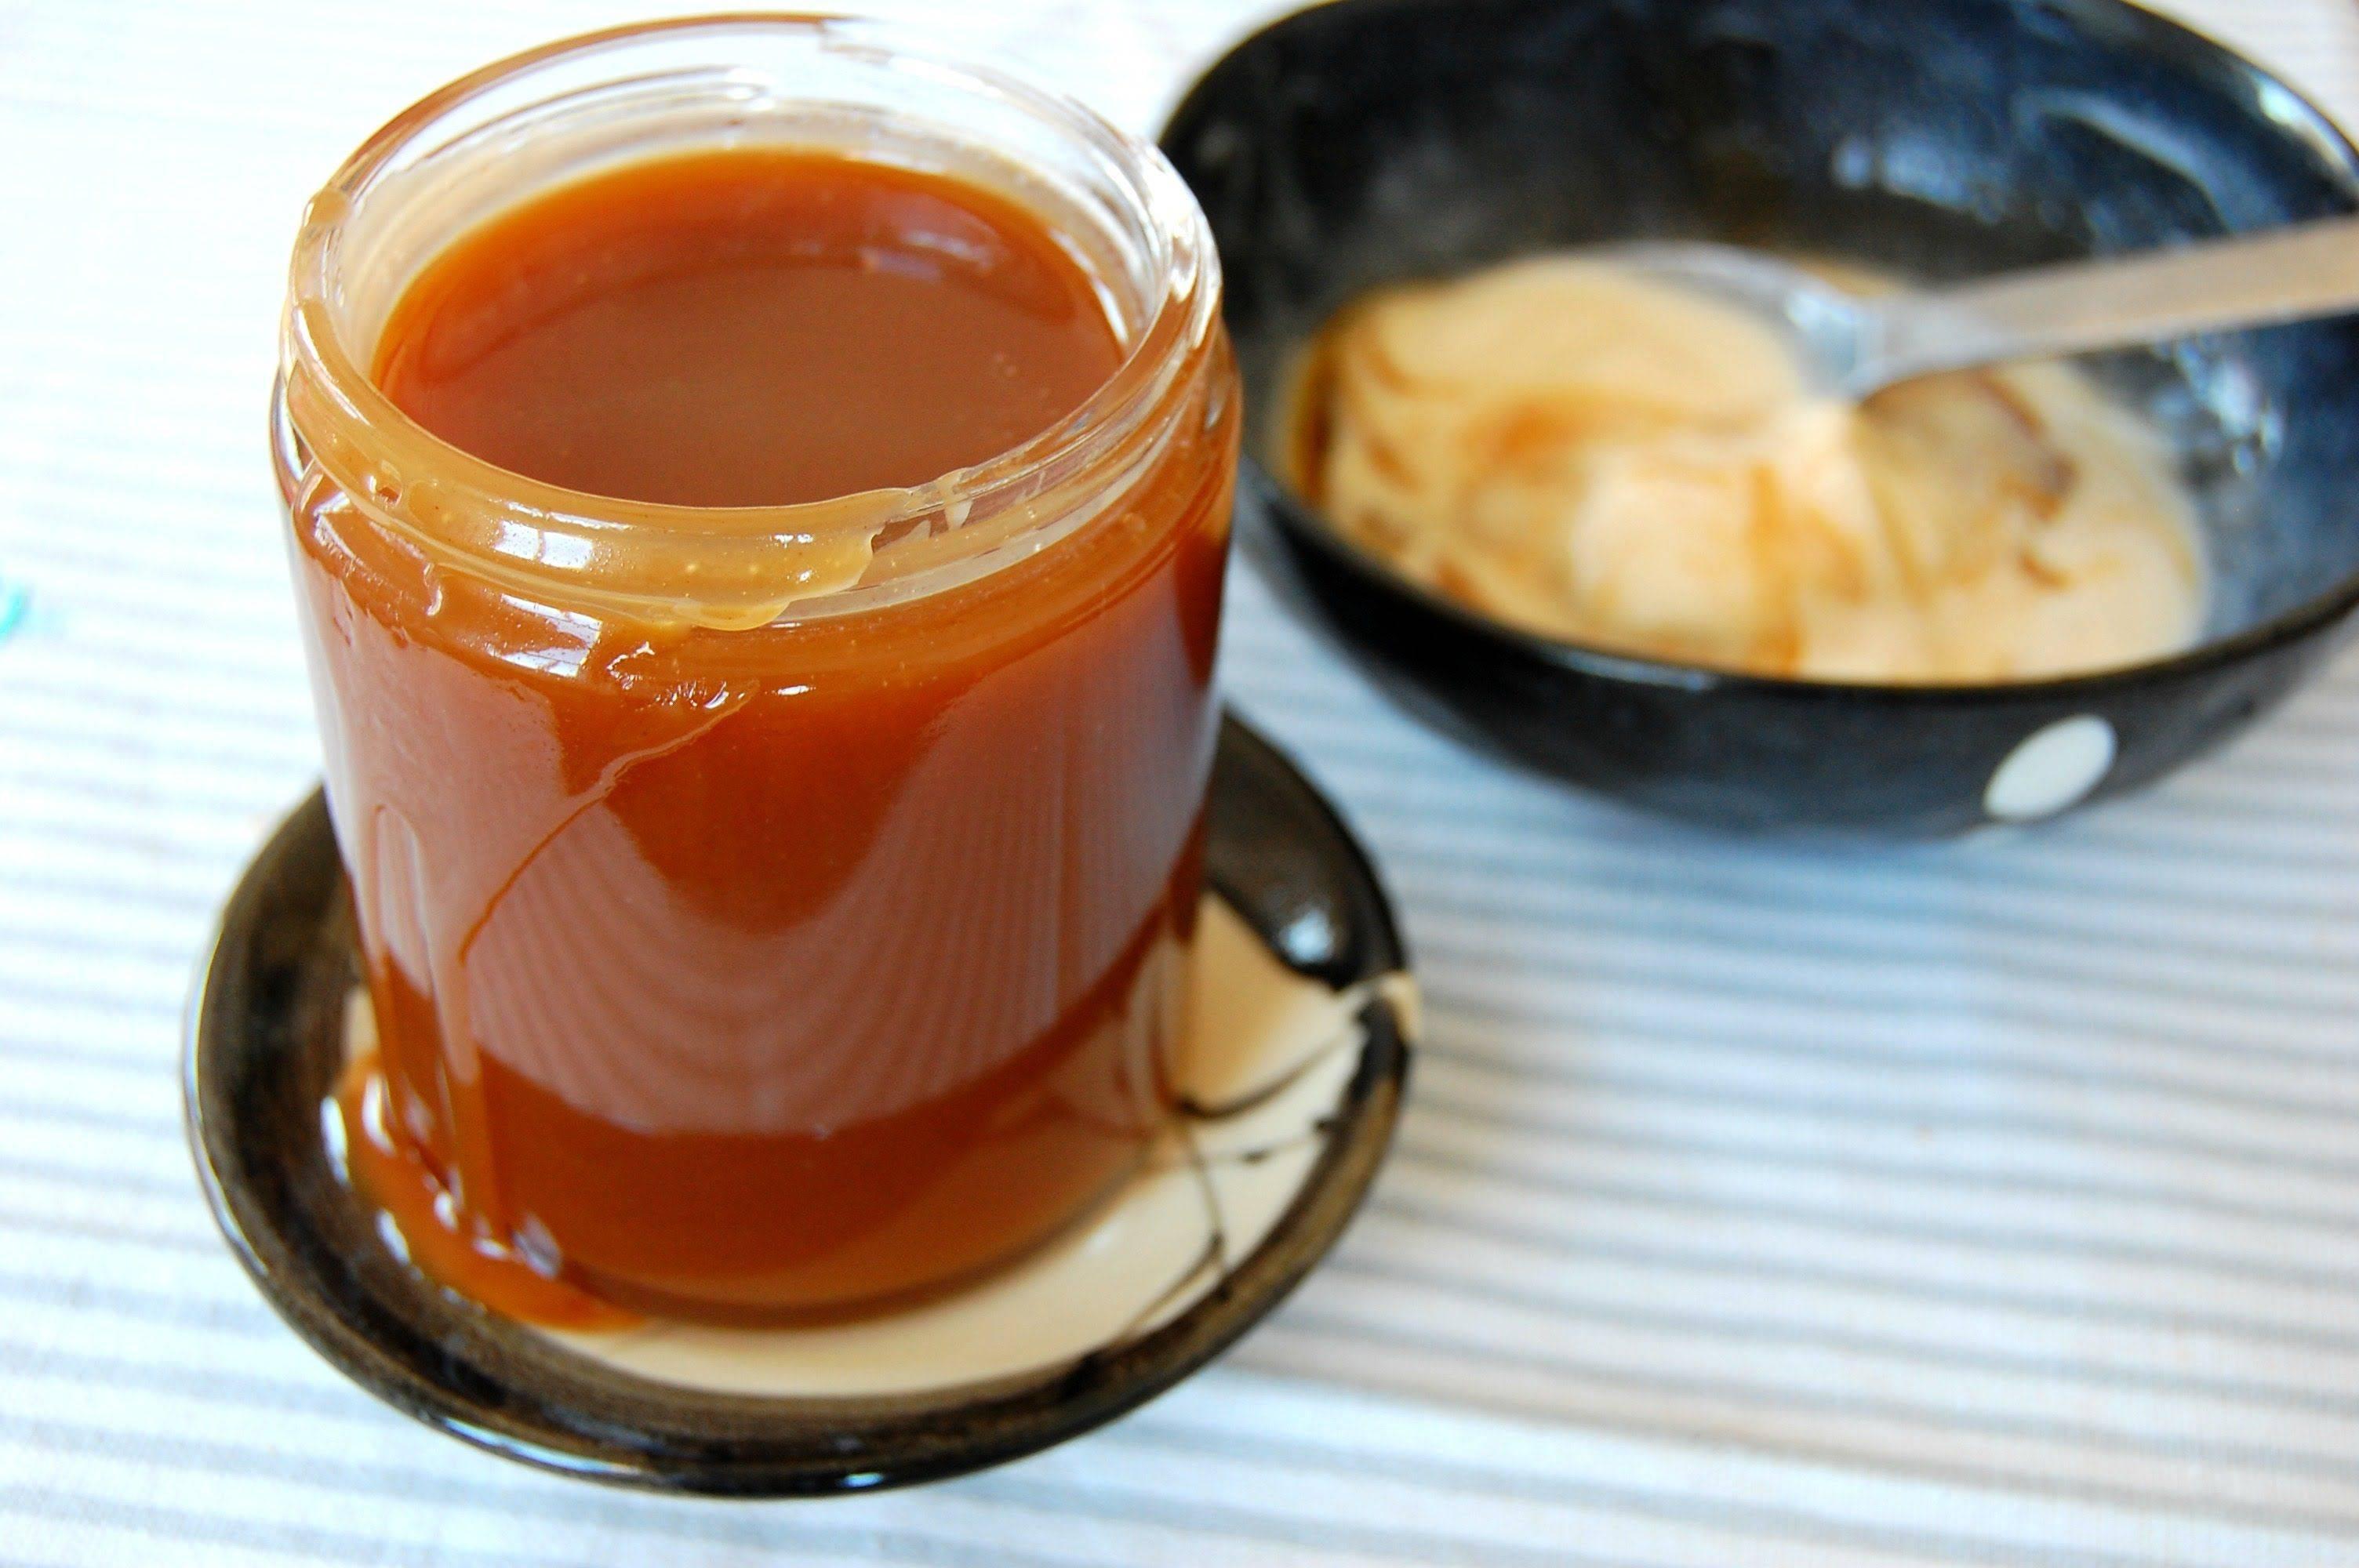 Как сделать карамель в домашних условиях: лучшие рецепты солёной, леденцовой, мягкой, жидкой, сливочной, молочной, шоколадной, фруктовой, апельсиновой, прозрачной, взрывной, жевательной карамели, с начинкой